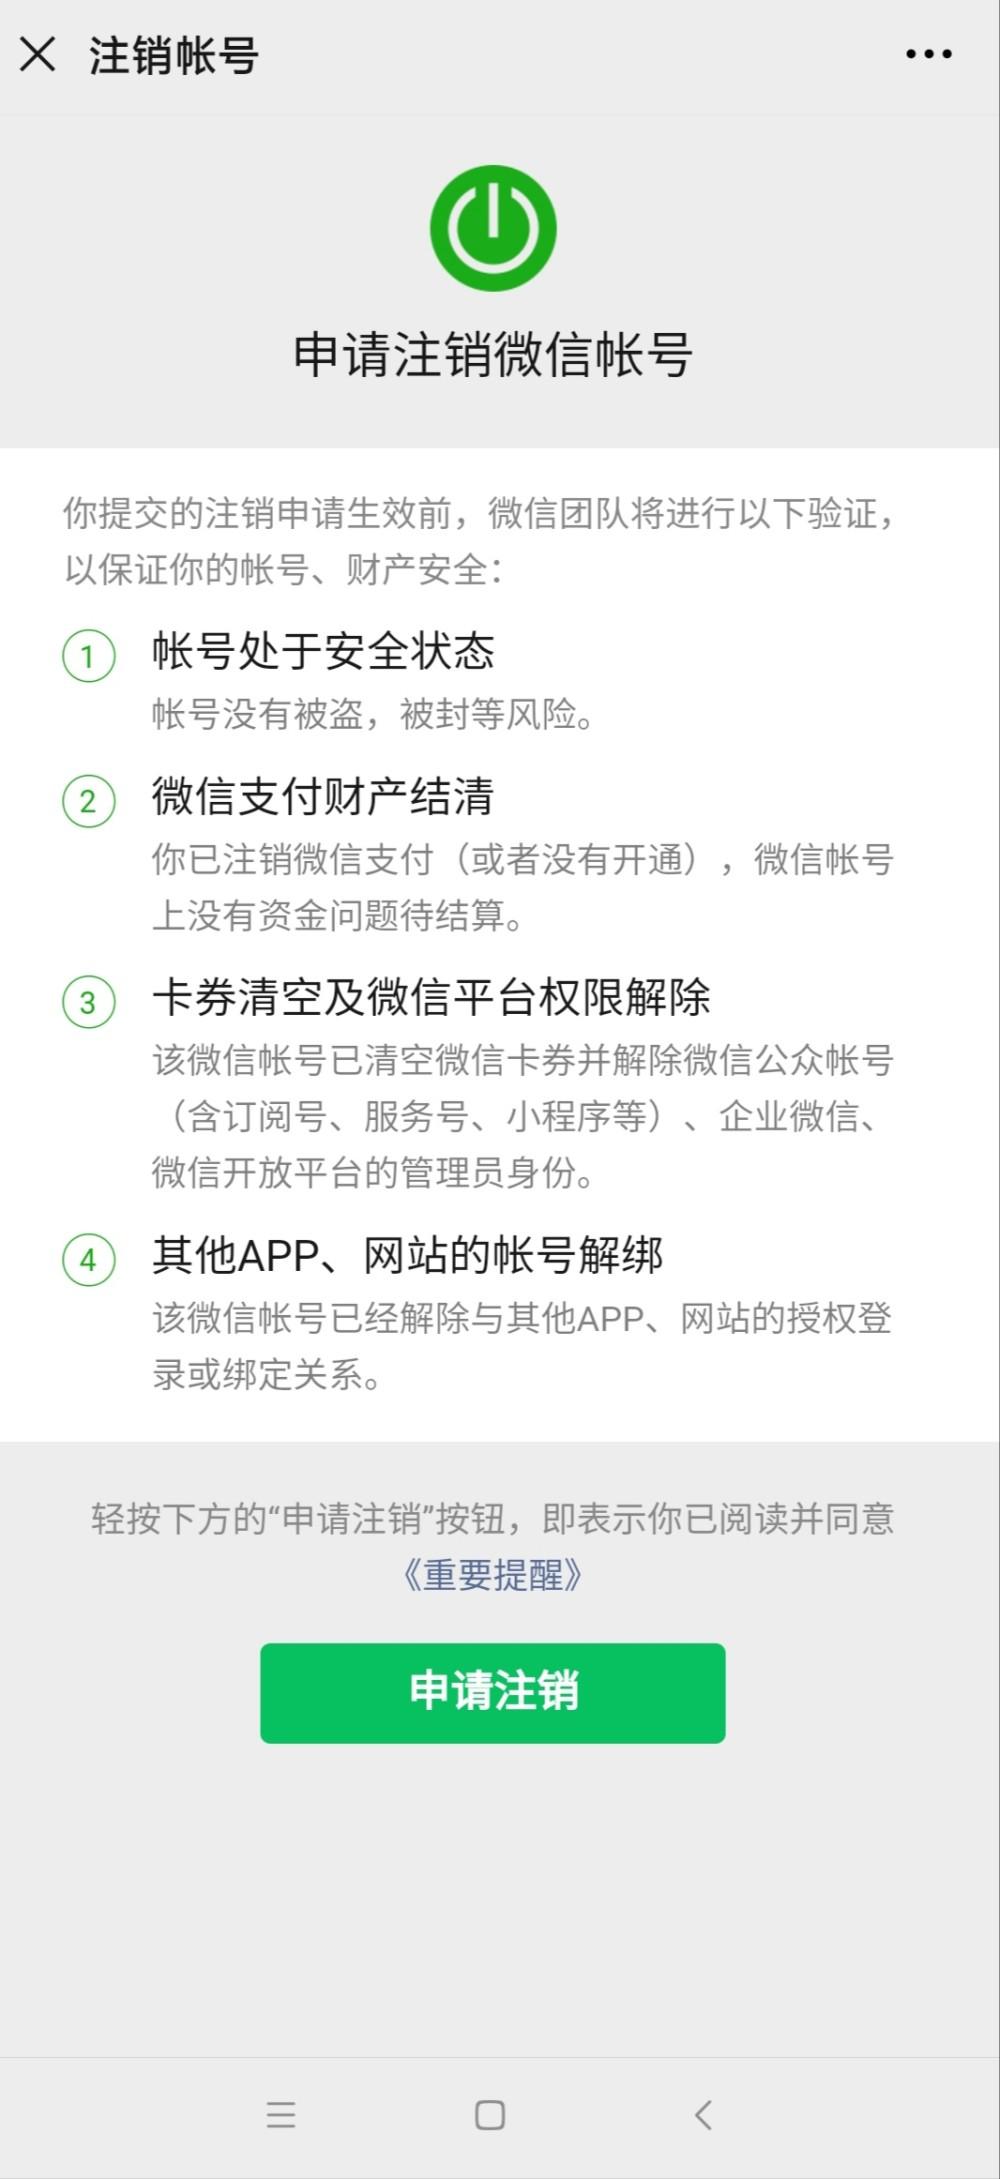 图片[1]-查看微信都授权过哪些应用和网站-飞享资源网